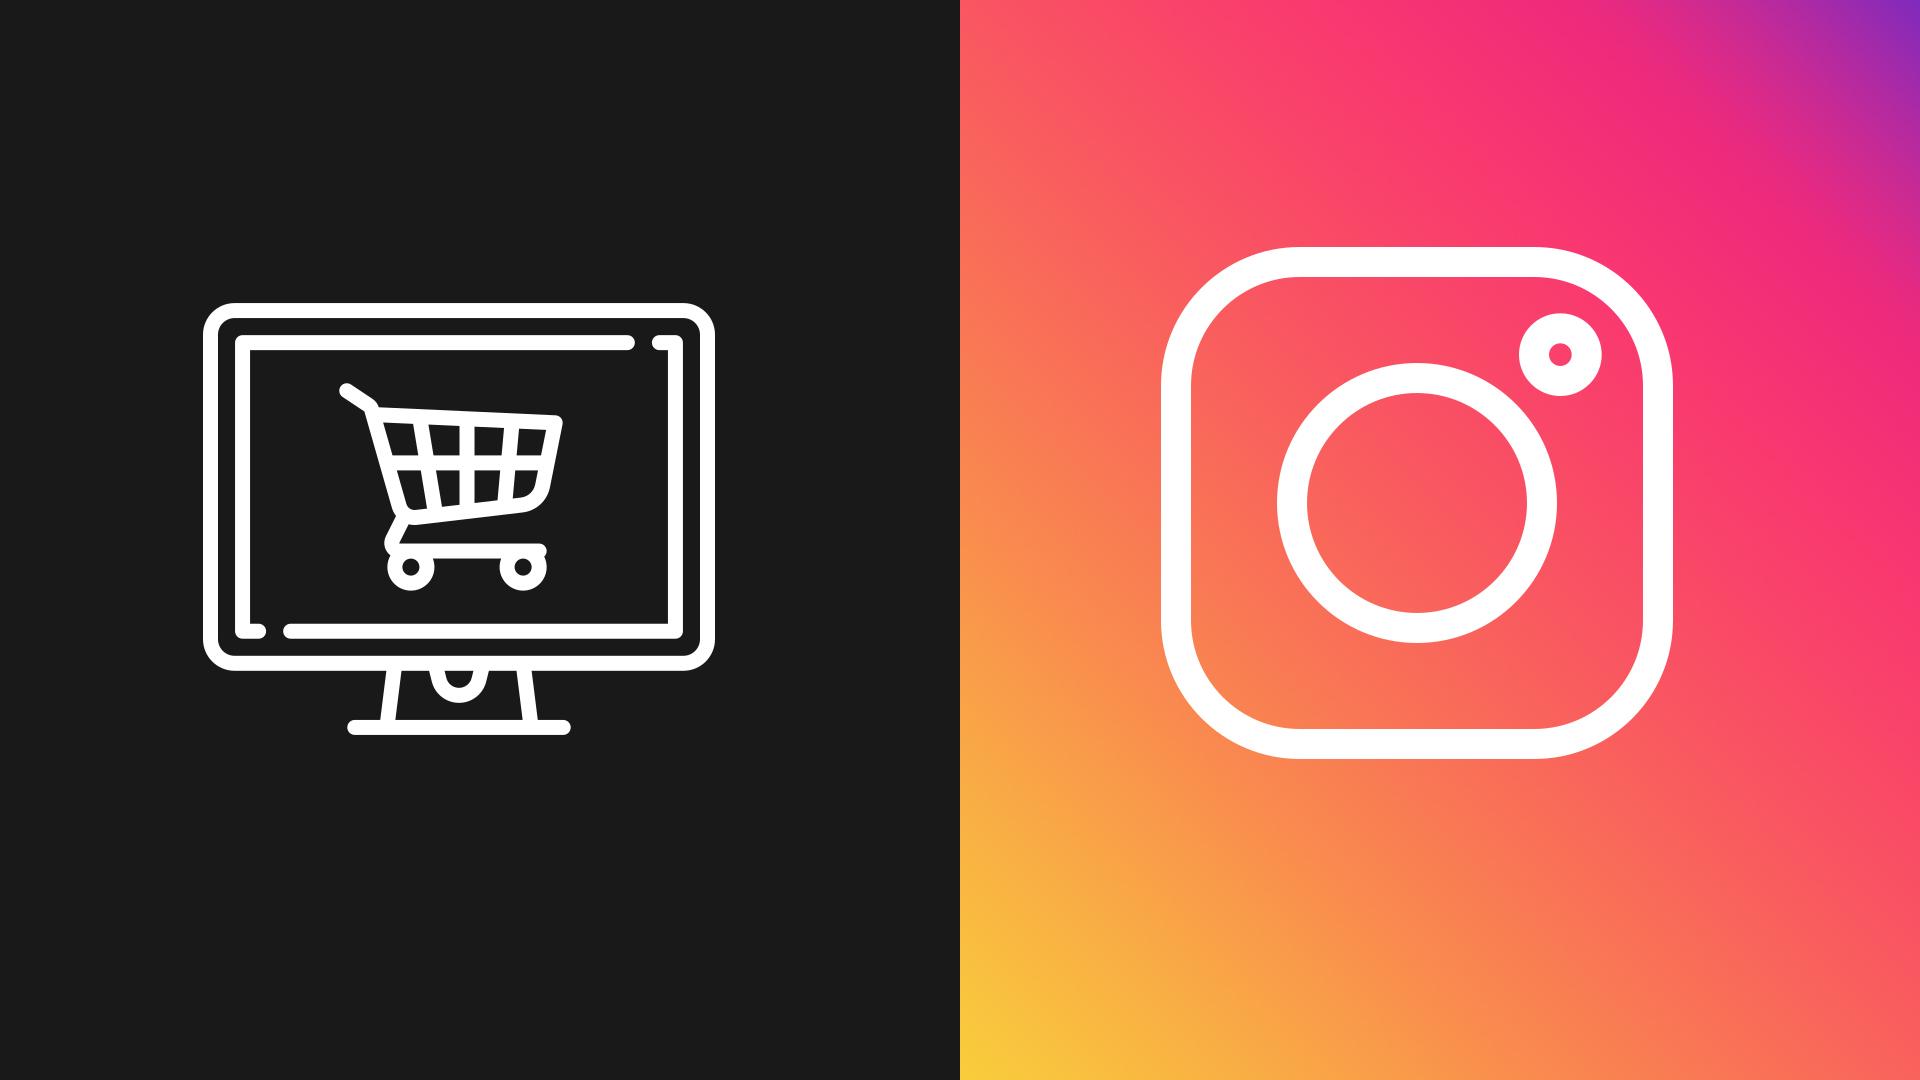 فروشگاه اینترنتی آنلاین نسبت به فروش در شبکه های اجتماعی چه مزایایی دارد؟